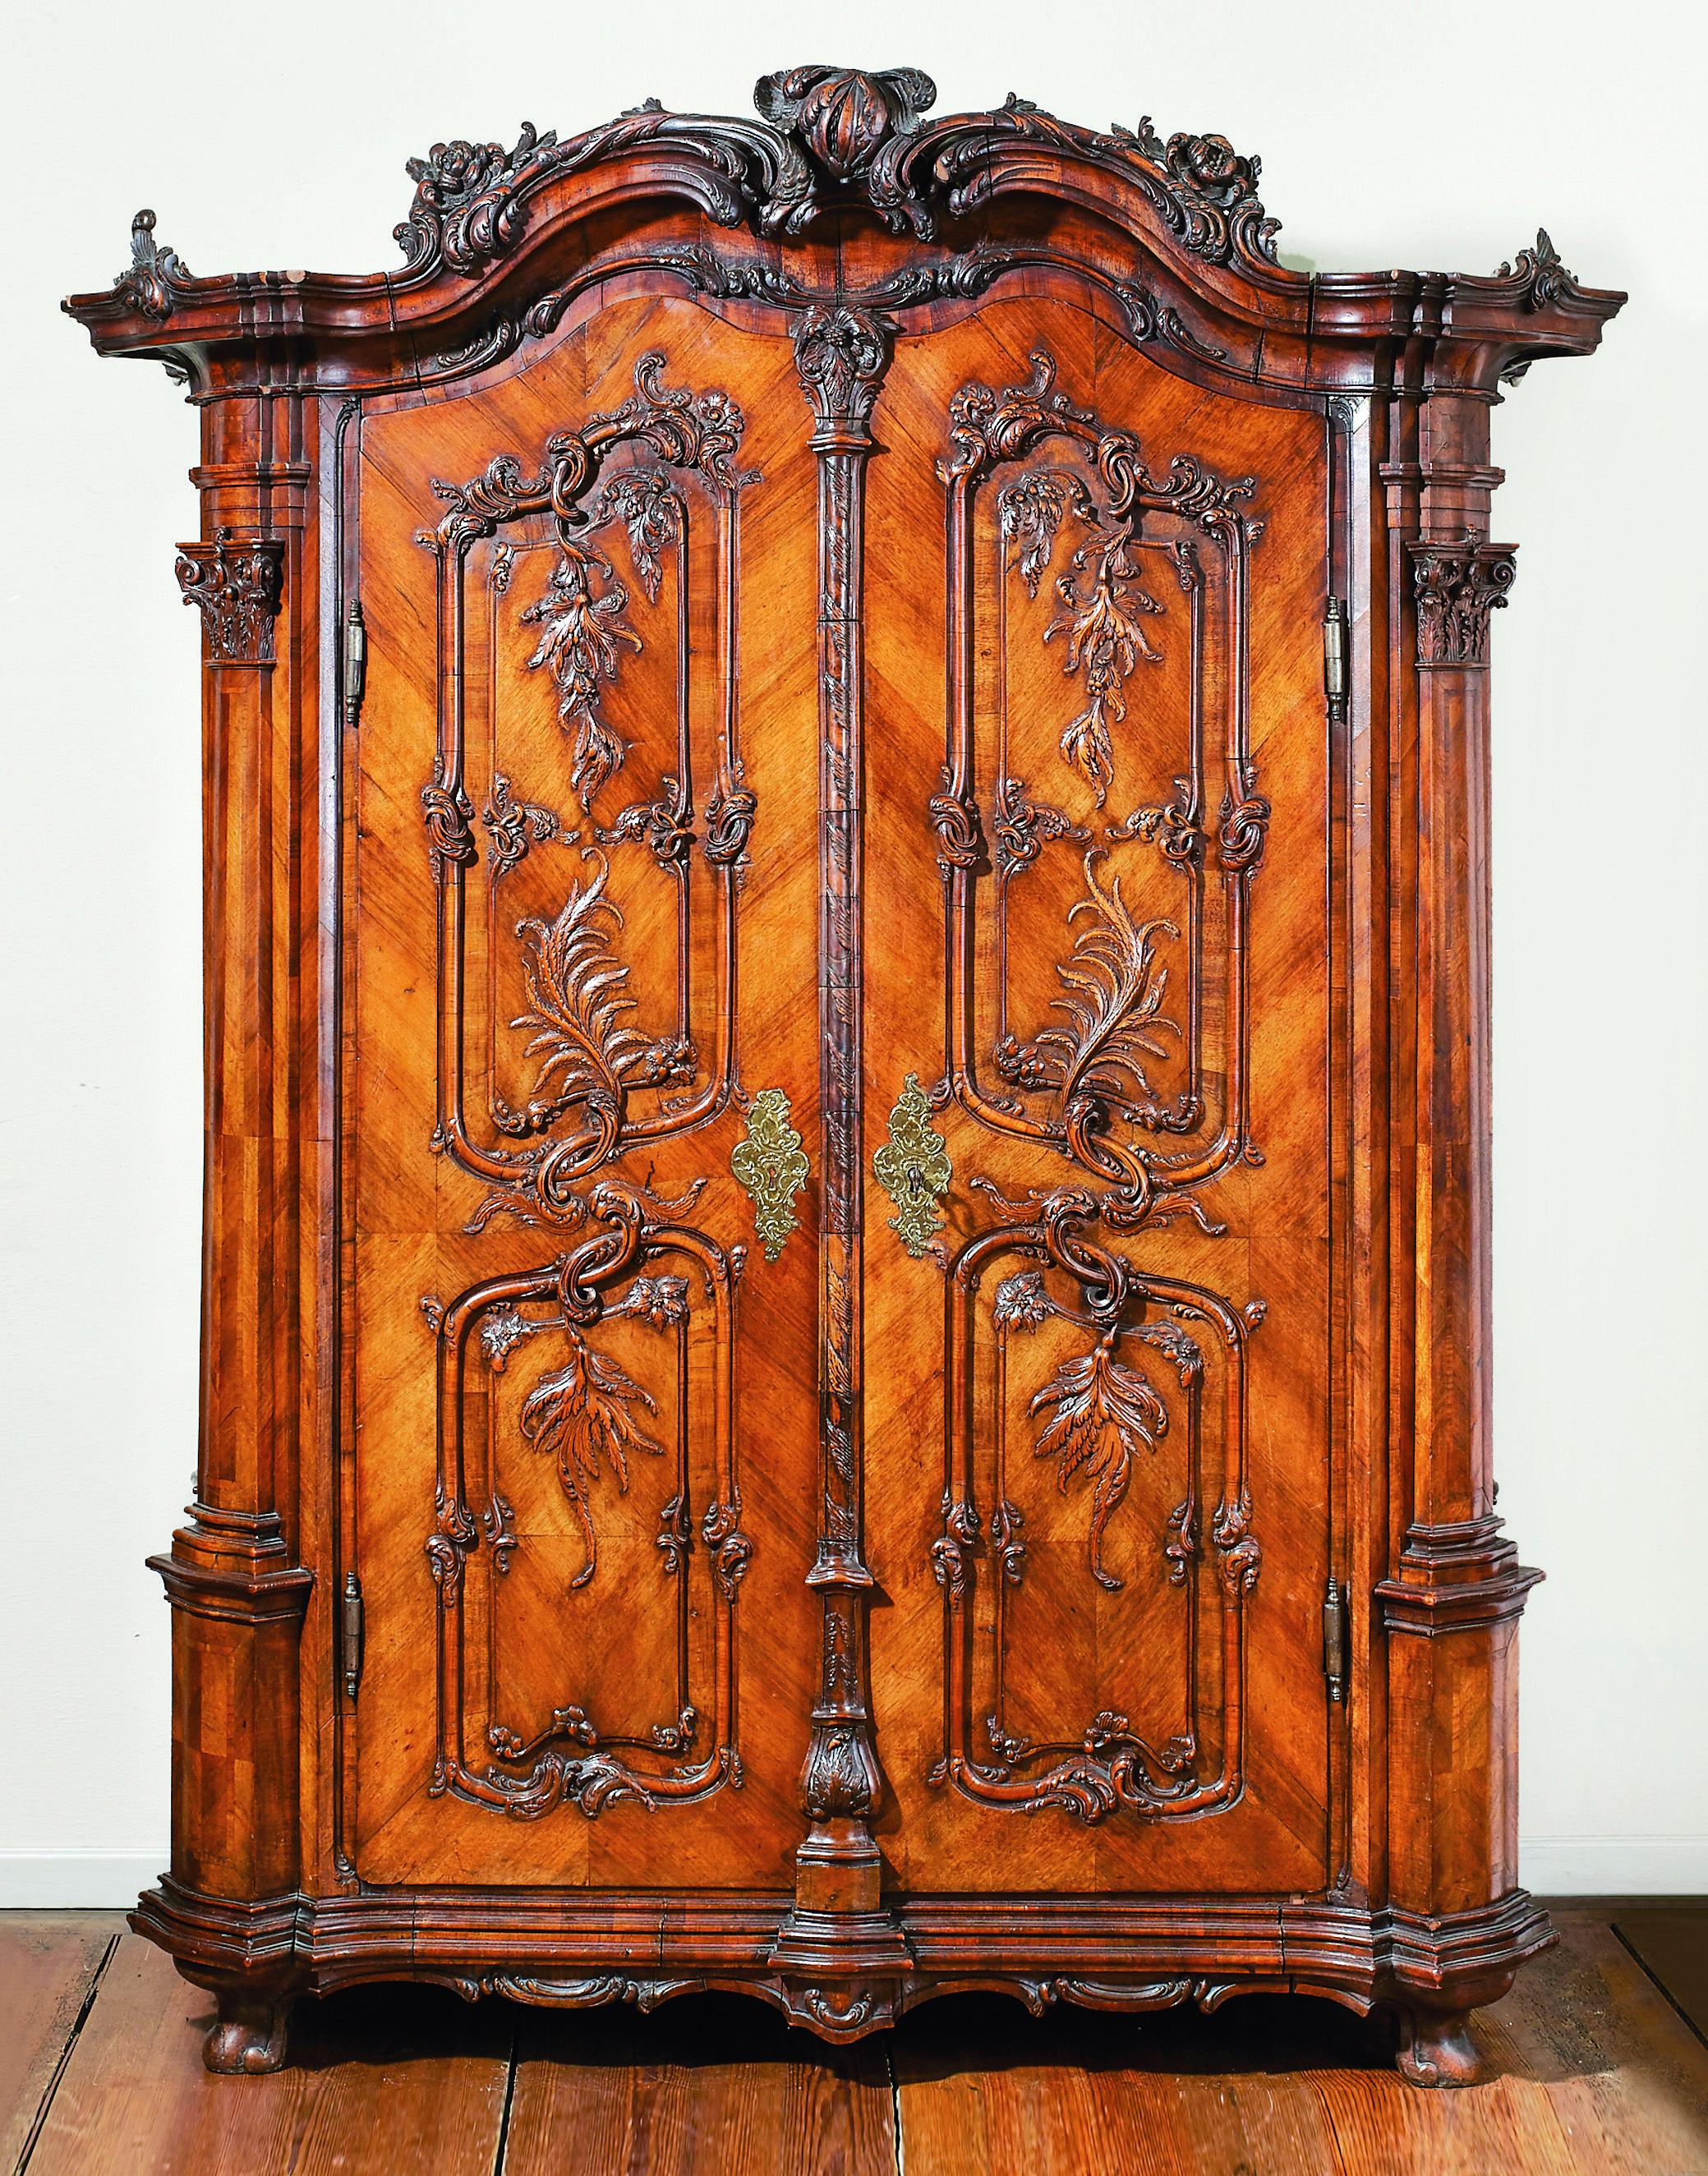 Alle Kataloge Aller Klassischen Auktionen Aller Auktionshäuser Für Kunst  Und Antiquitäten.